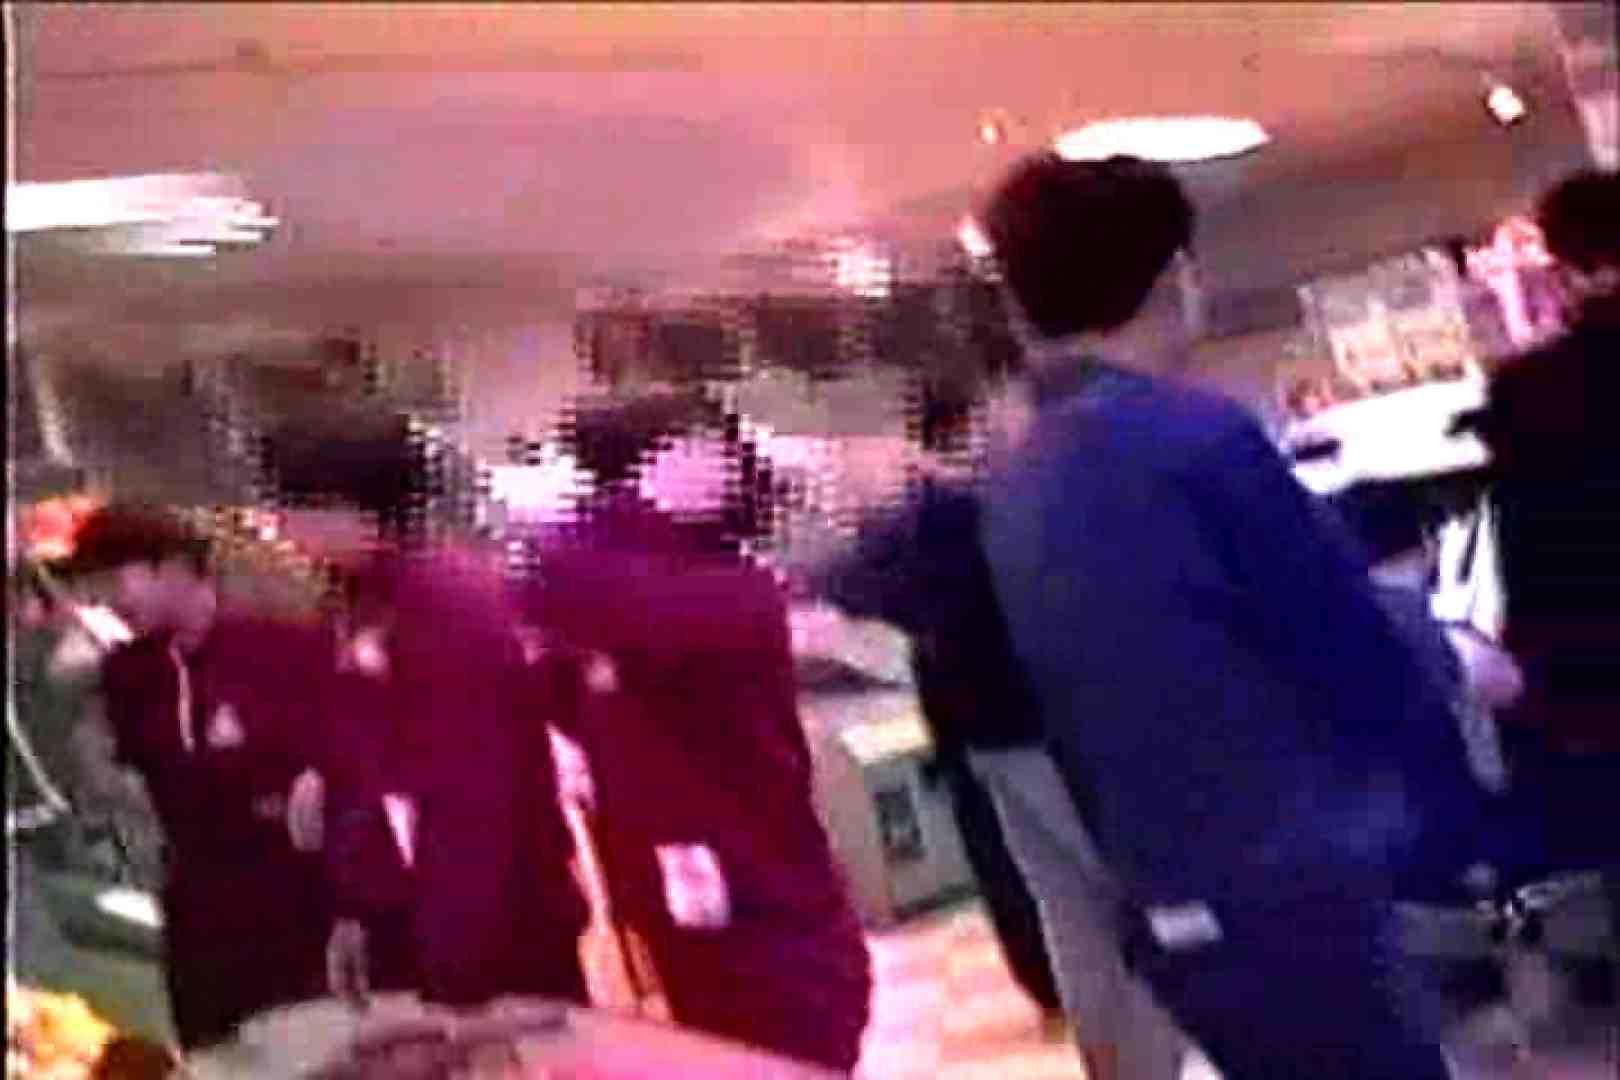 (9月21日配信停止)超・痴覚の眼 修学旅行TNK-09 脱衣所 | 盗撮  107画像 26